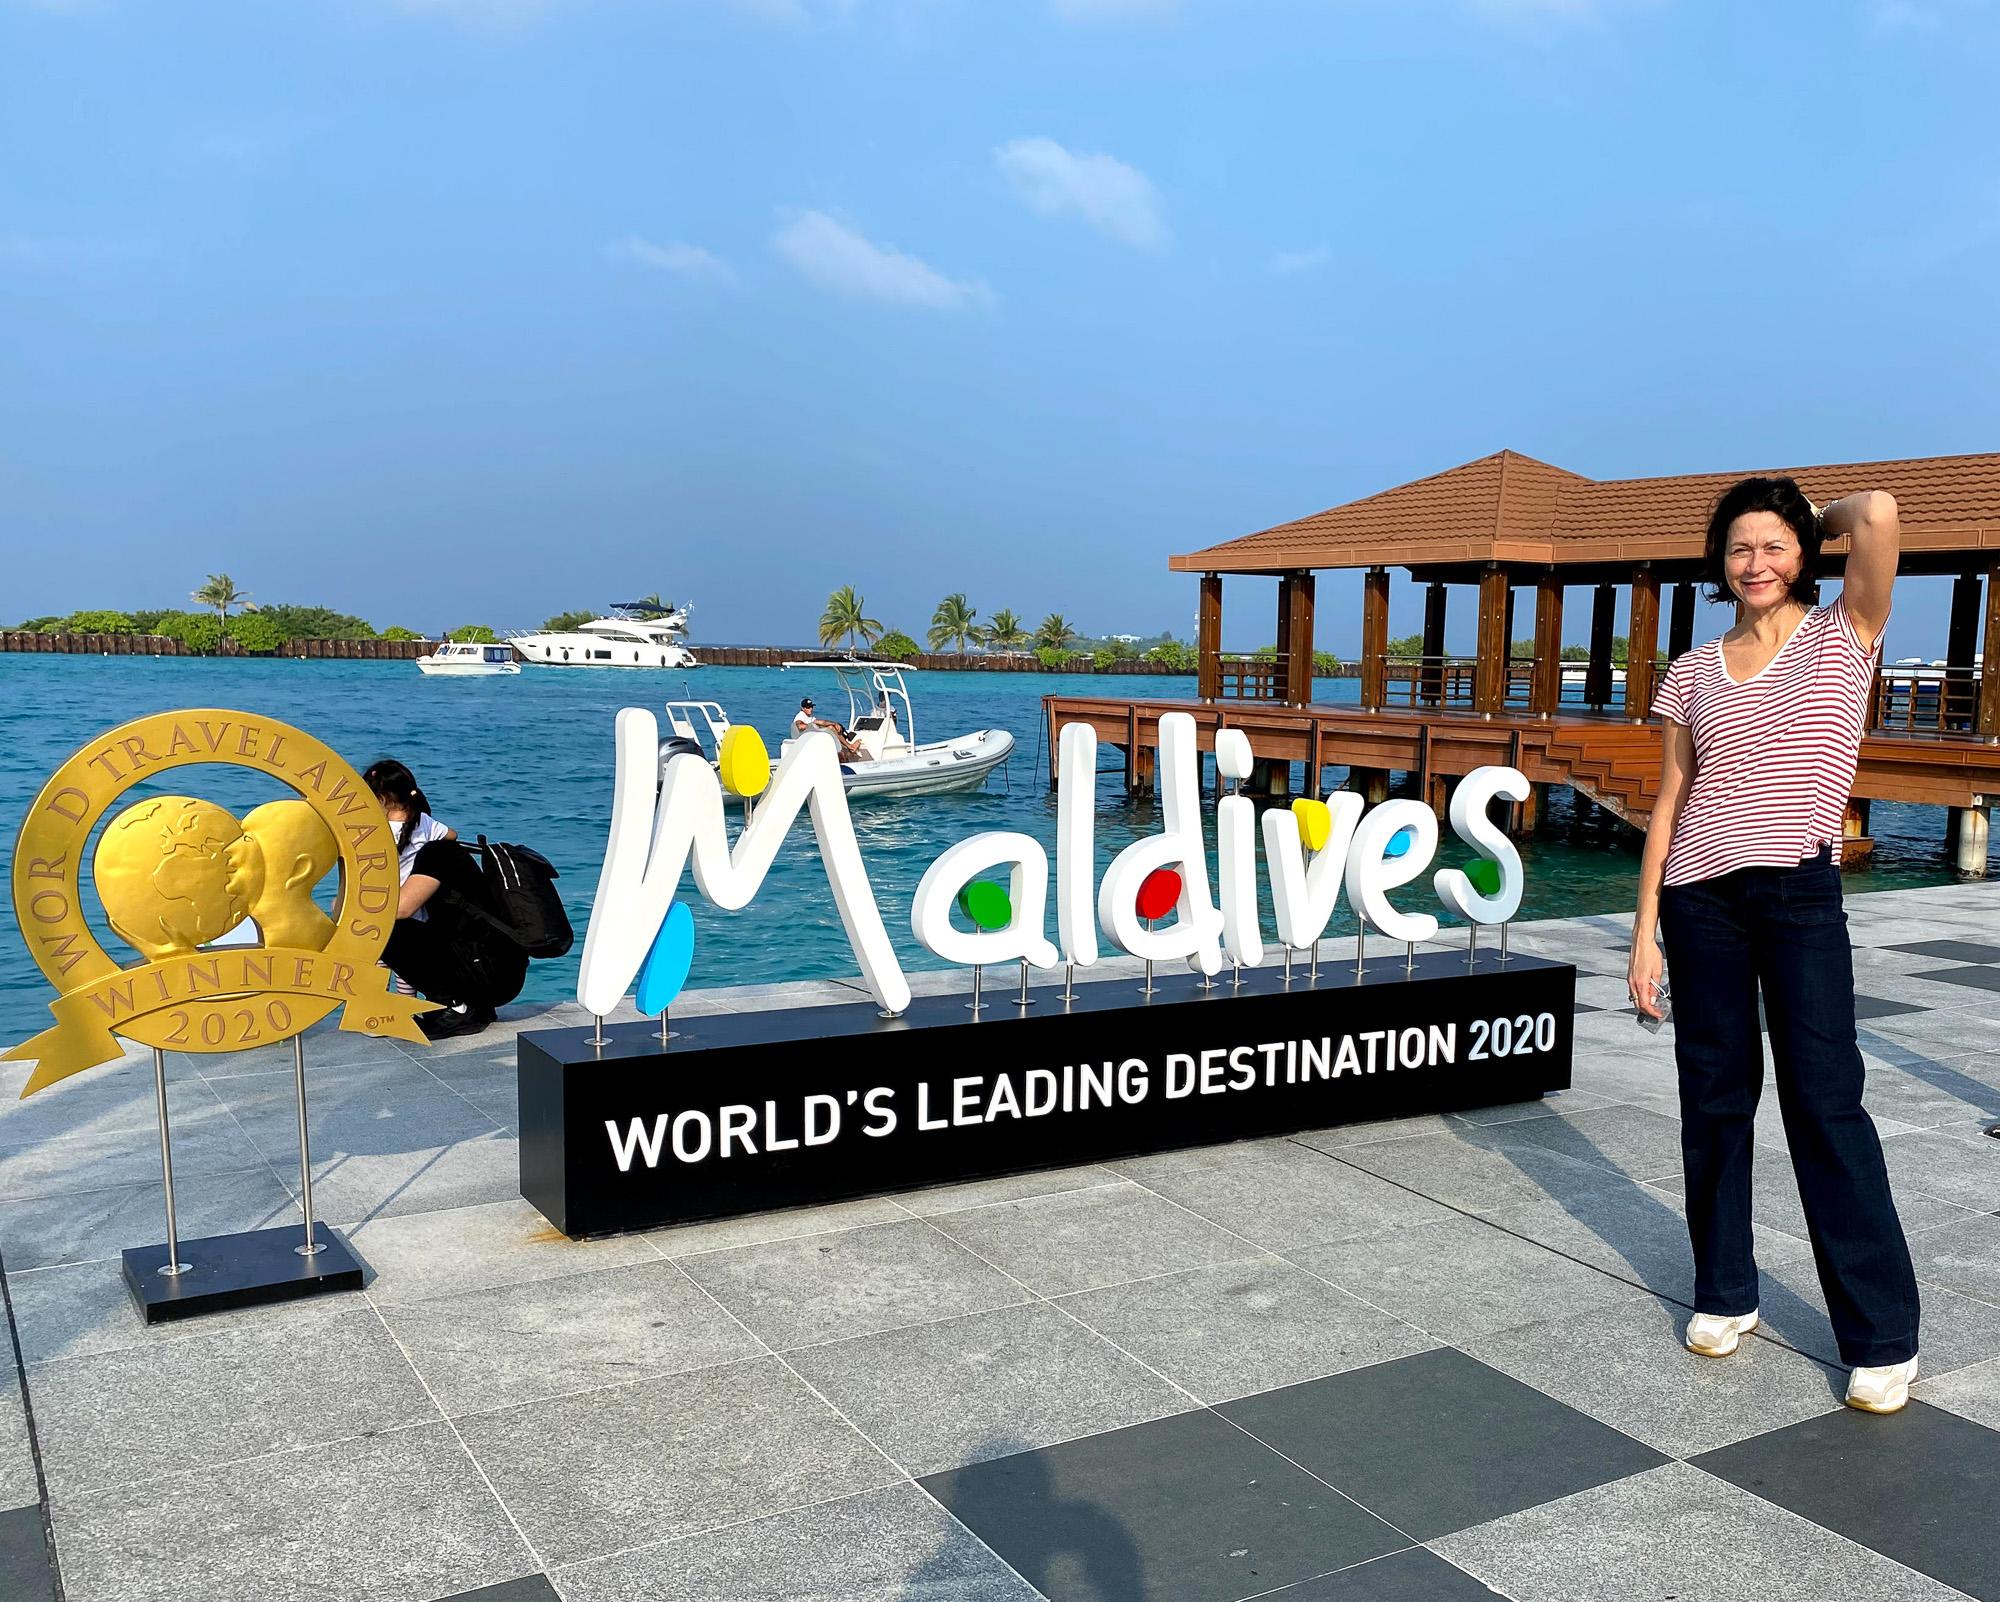 Курамба Мальдивы 2021